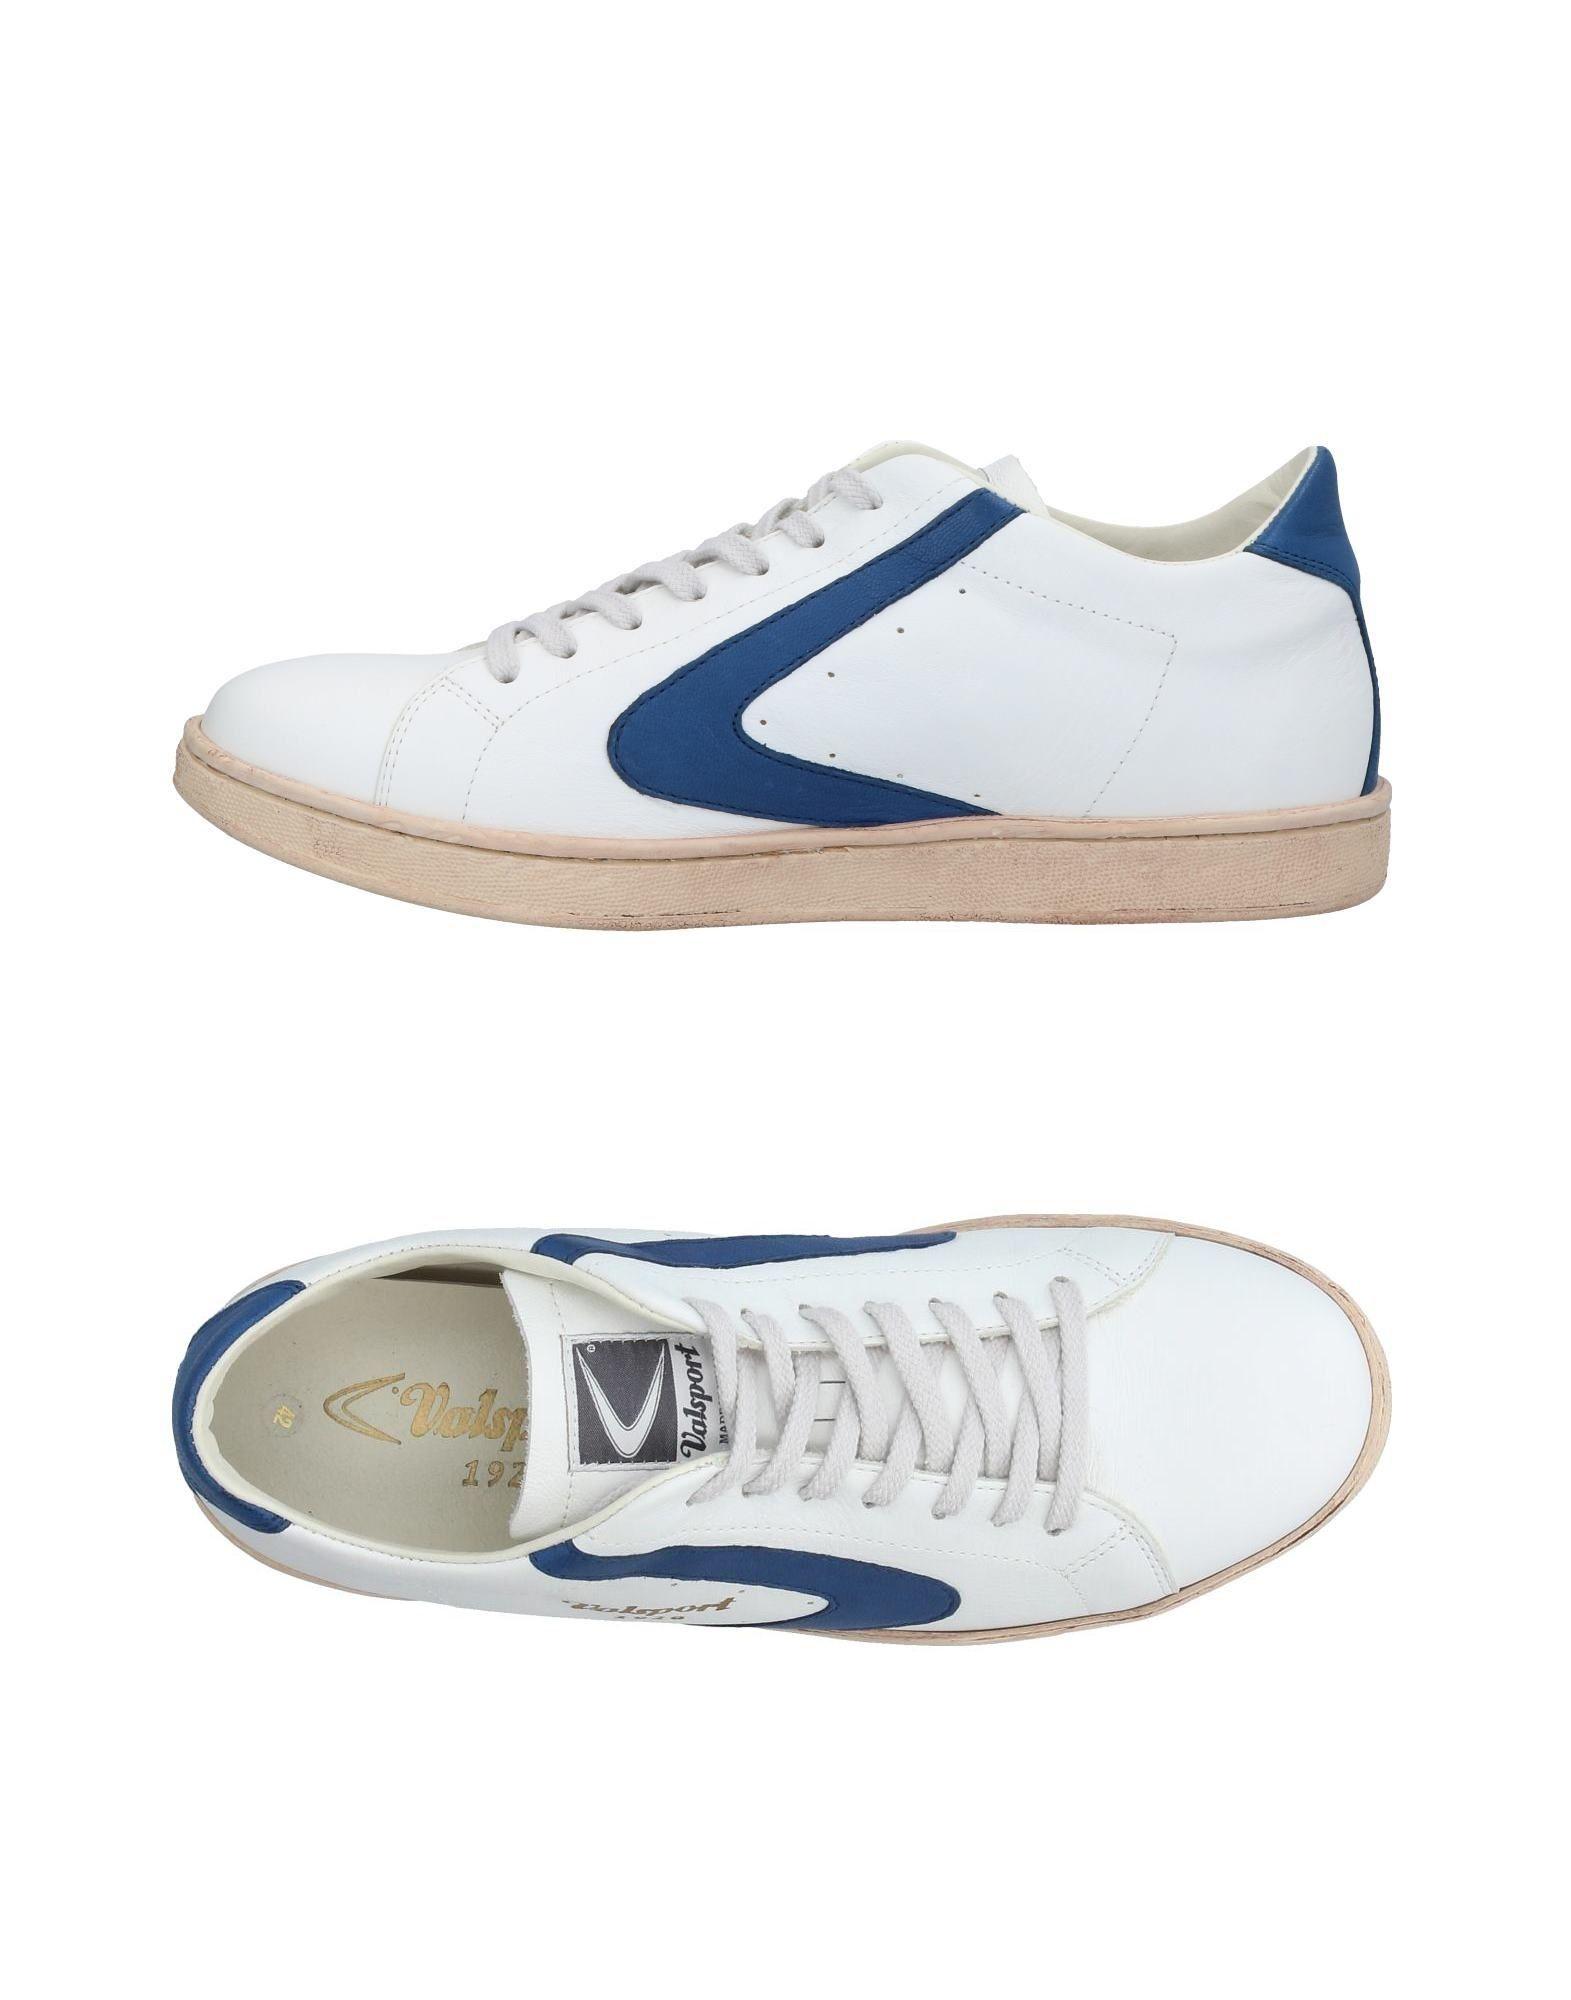 Rabatt echte Schuhe Valsport Sneakers Herren  11380910PM